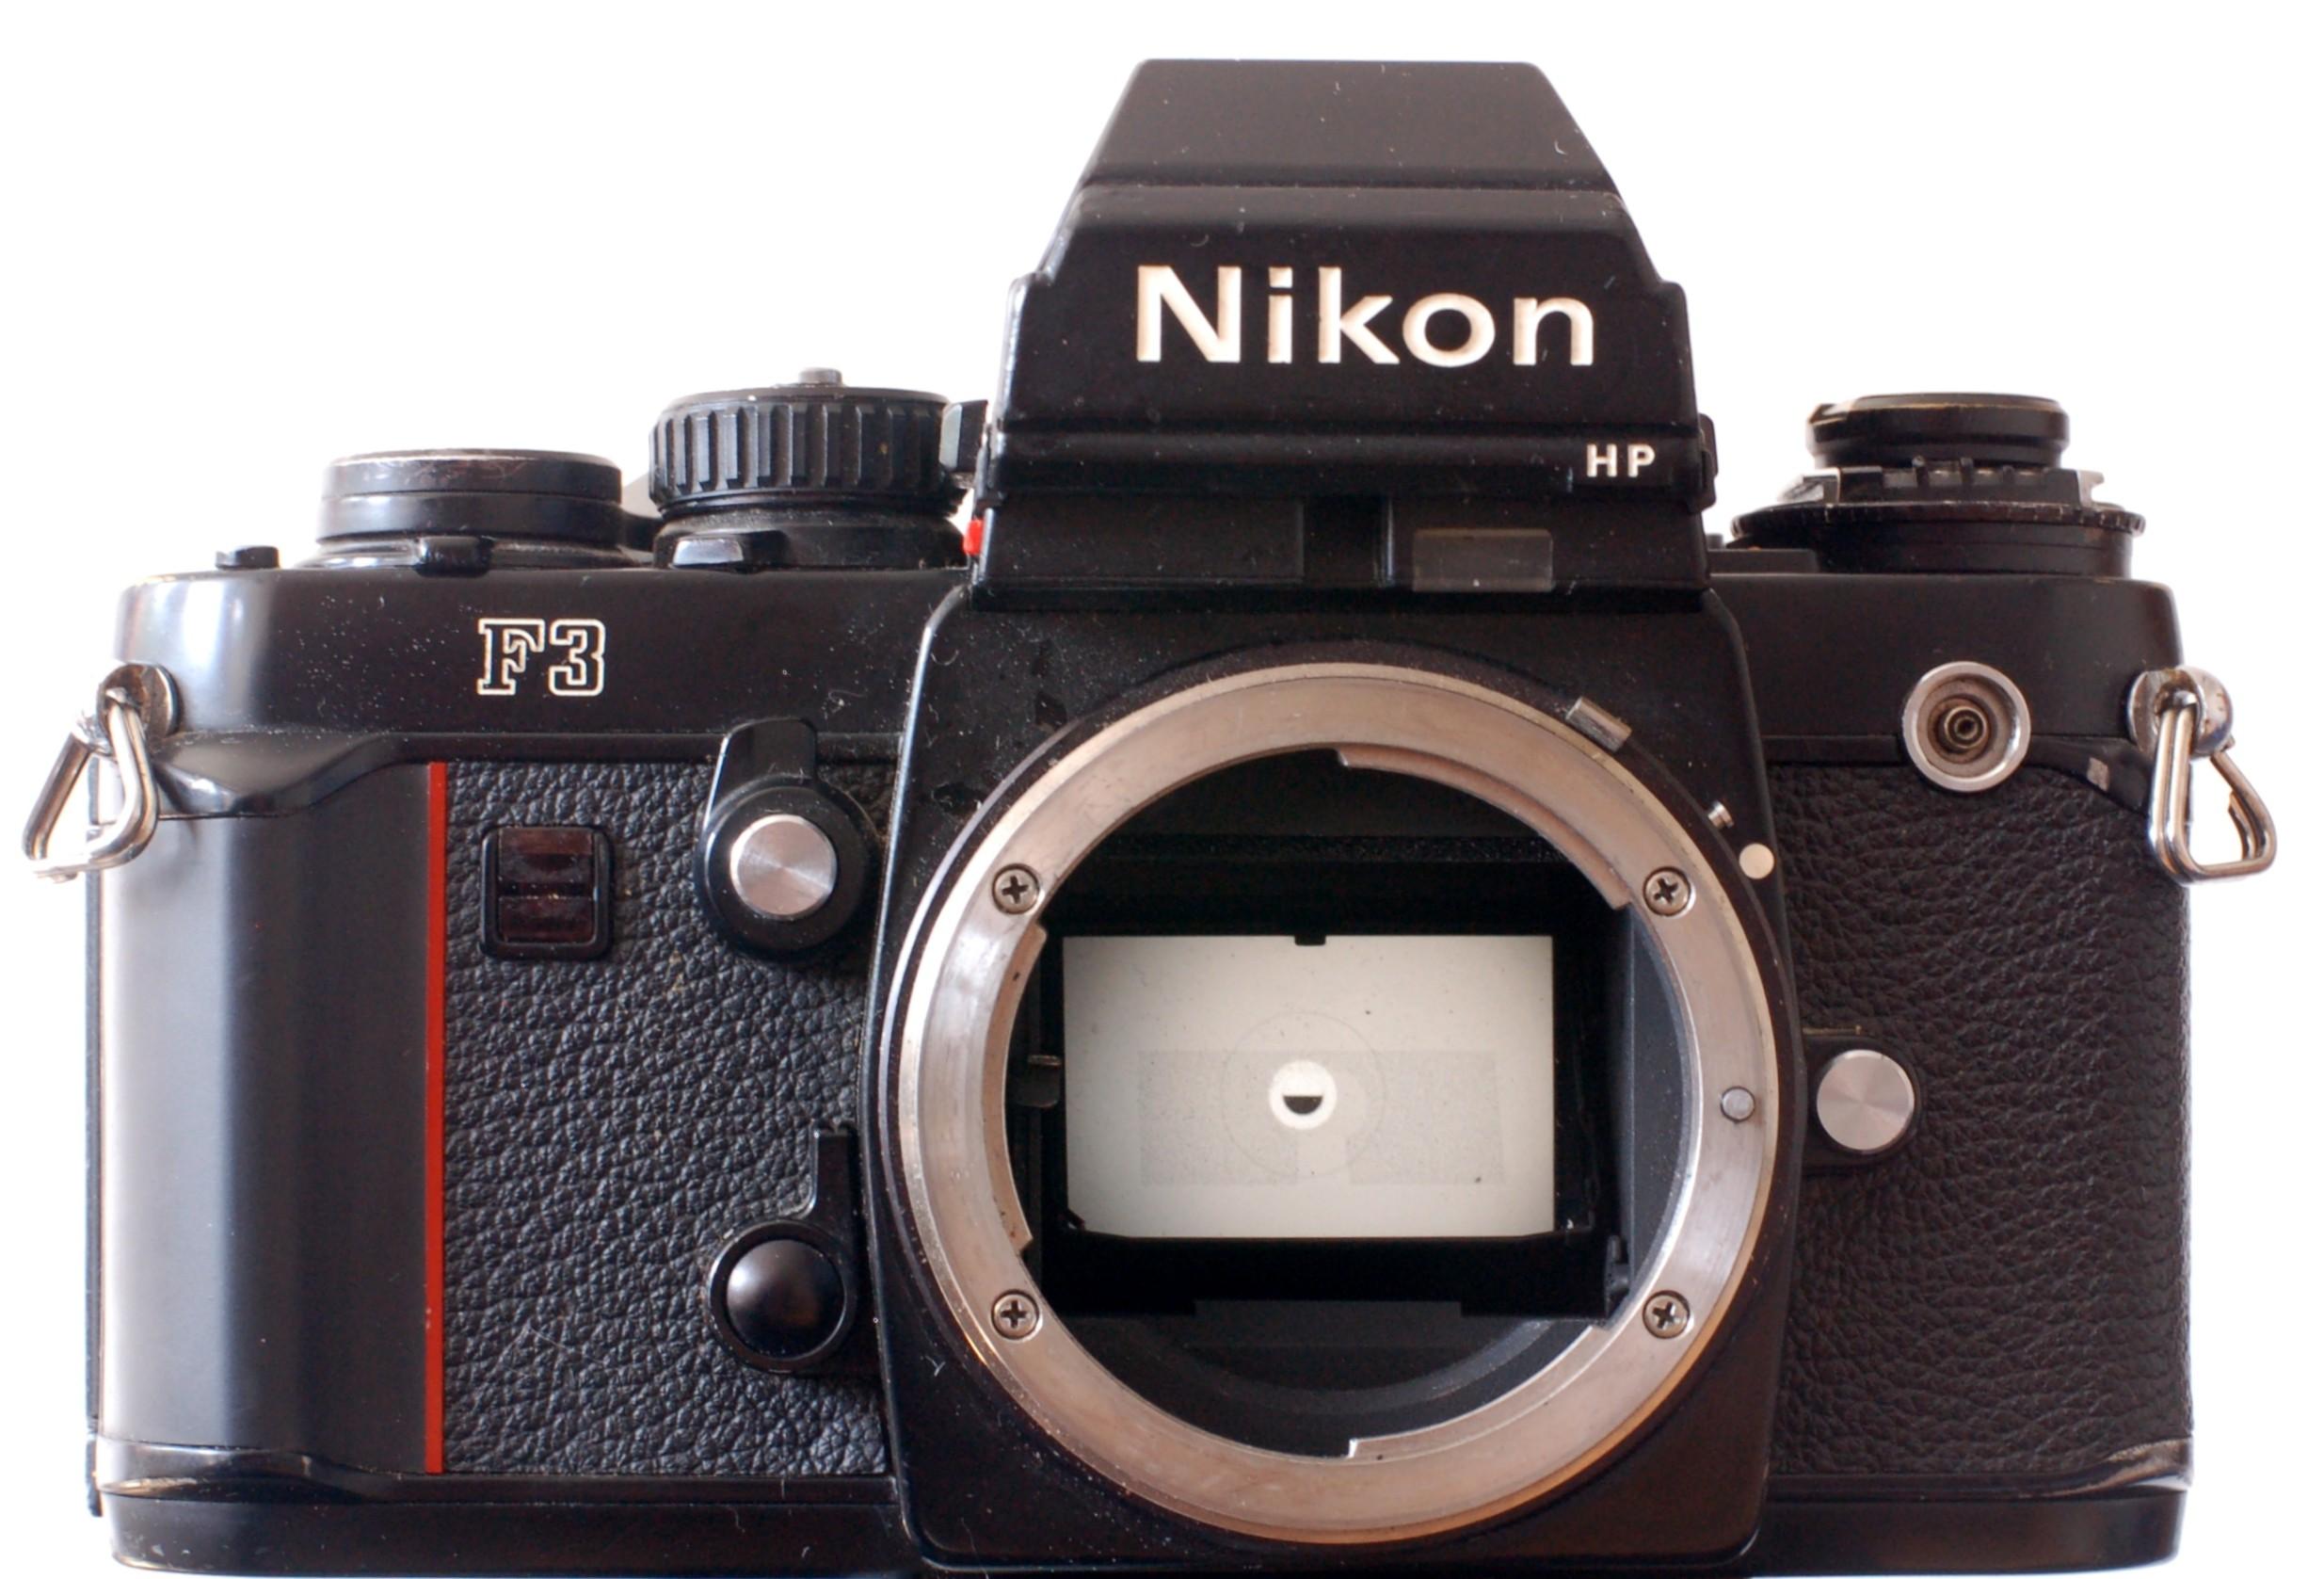 Description Nikon F3 HP JPGNikon F3